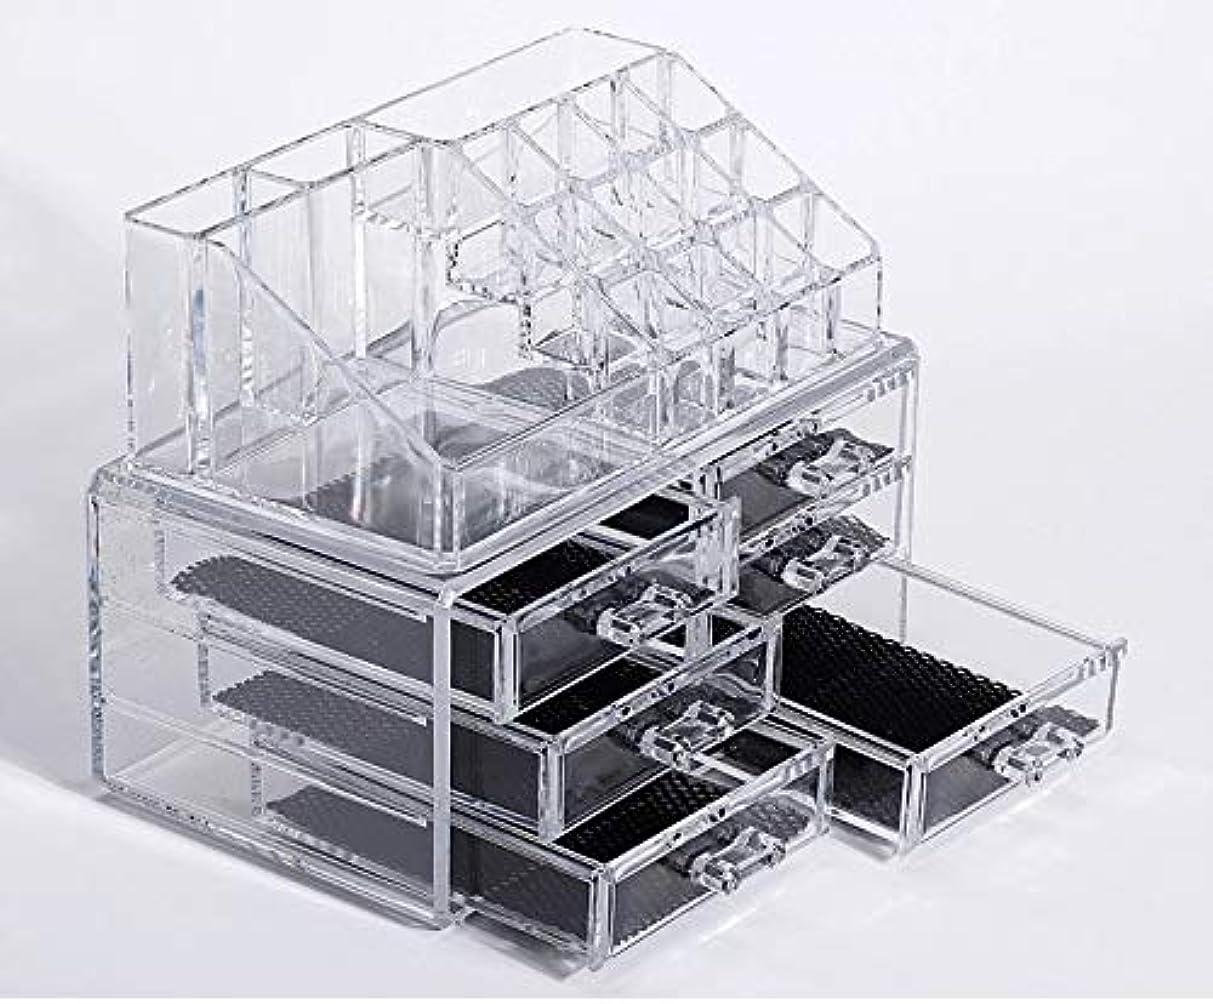 レモンスクラブ迫害化粧品収納ボックス メイクケース メイクボックス コスメボックス 騒音なし 防塵 高透明度 強い耐久性 整理簡単 引き出し小物